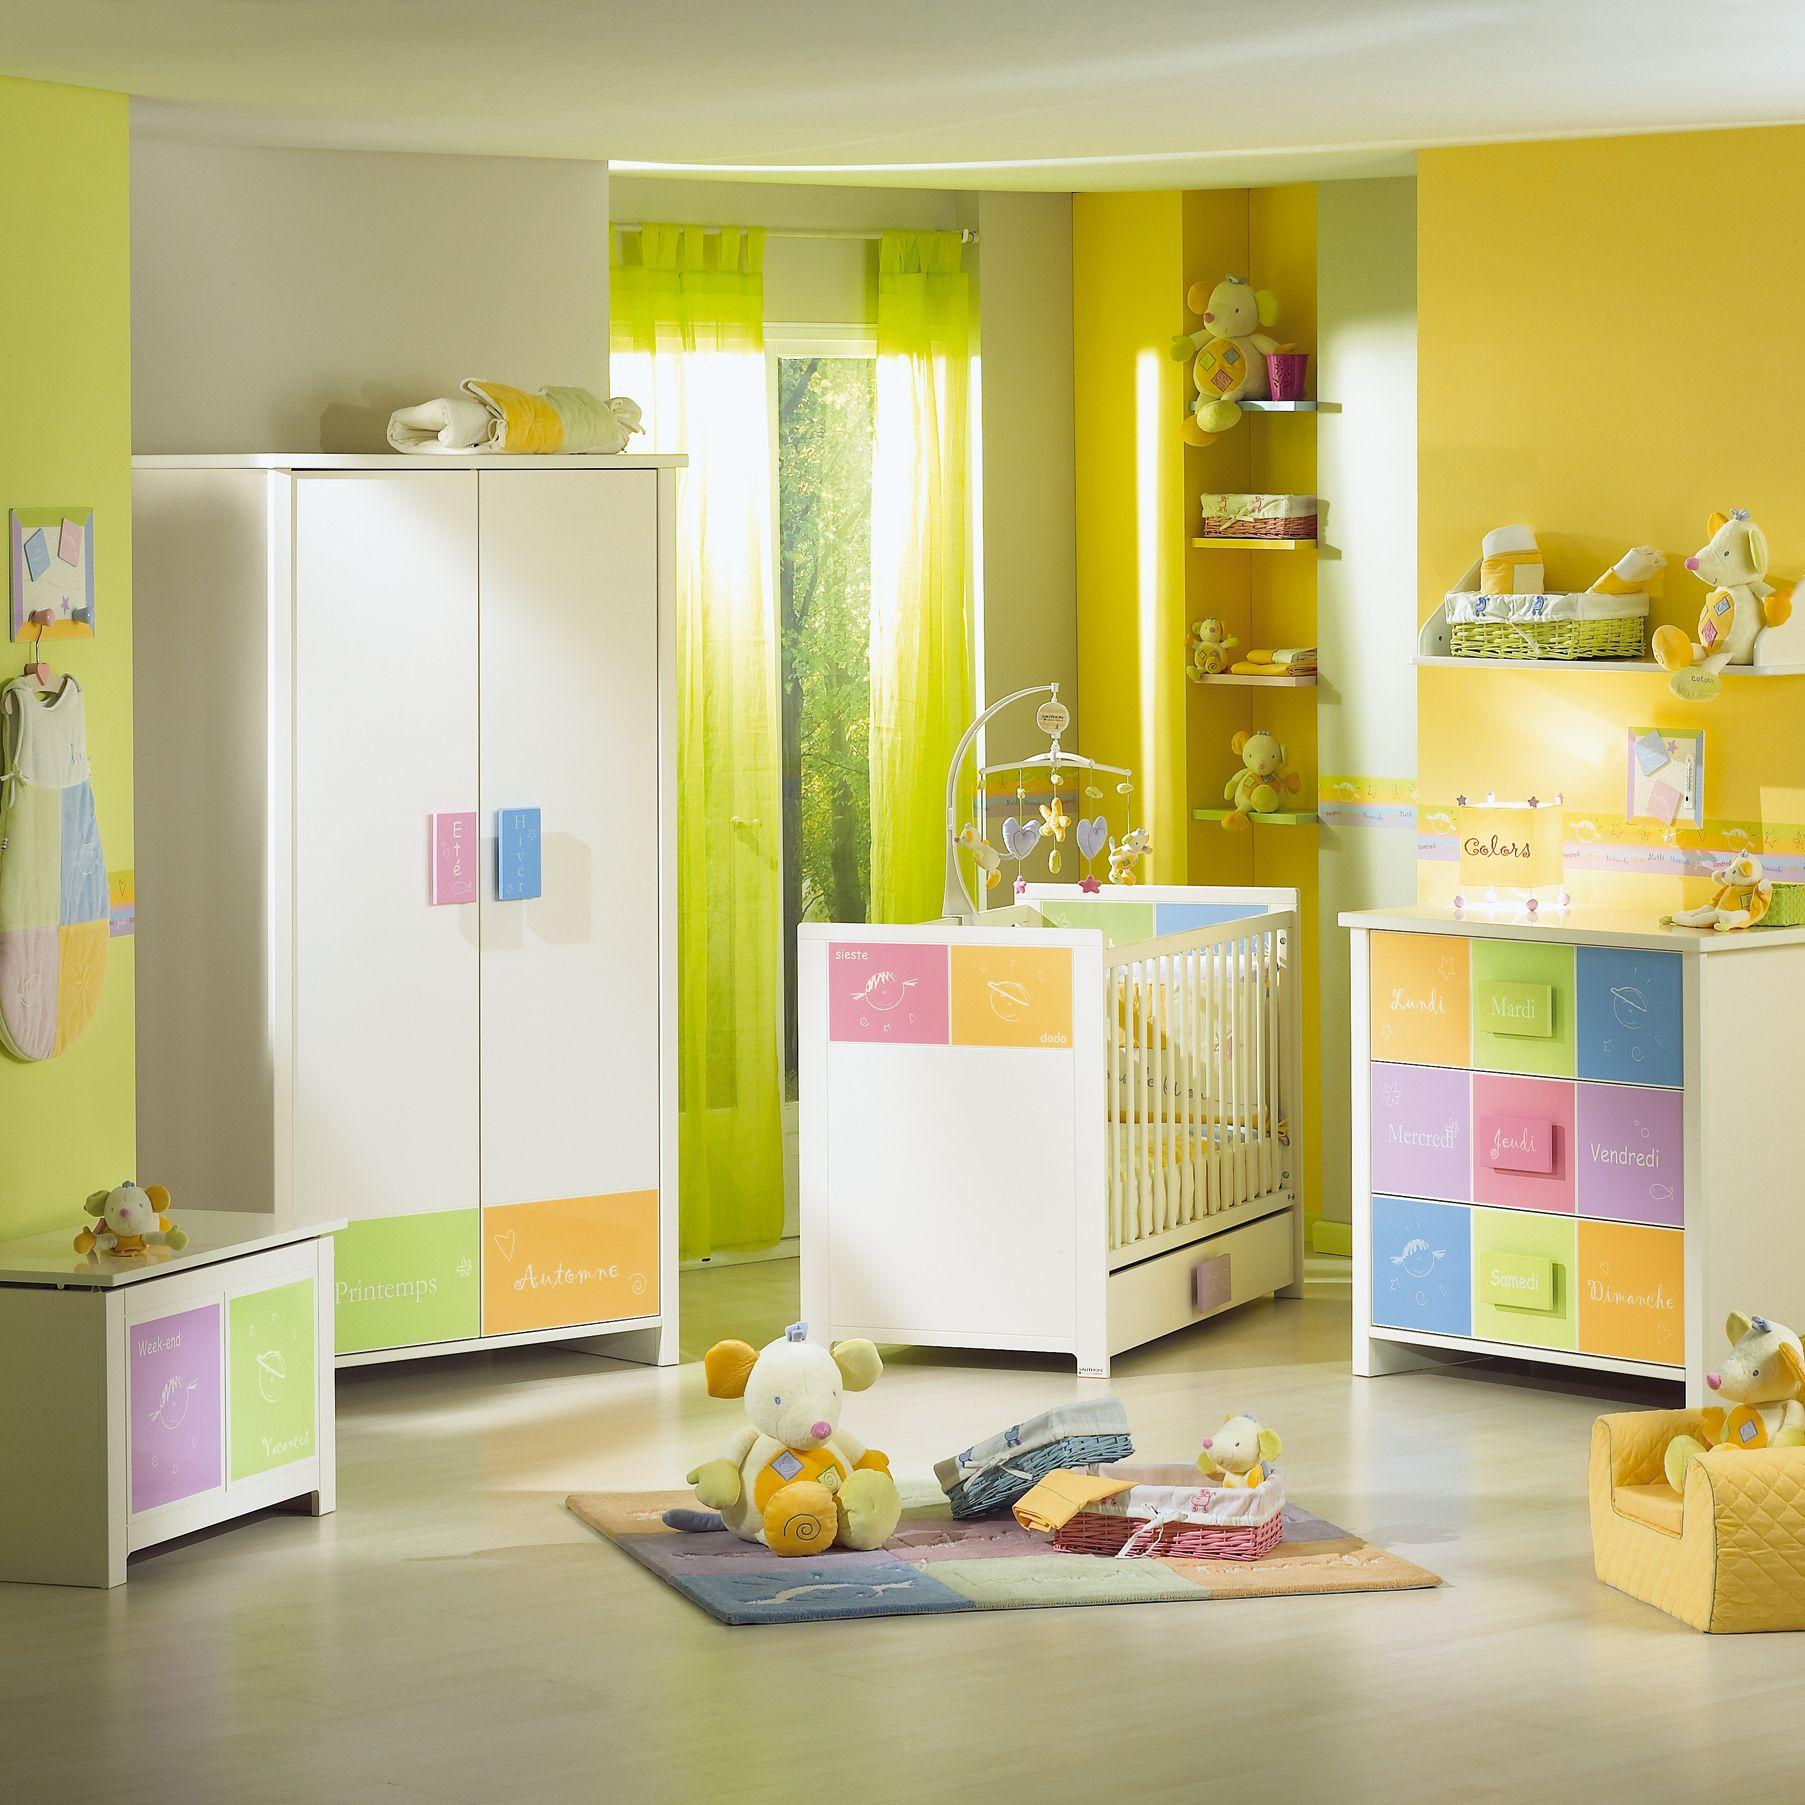 j 39 adore chambres pop chambre colors de sauthon easy aubert maison chambres d 39 enfant. Black Bedroom Furniture Sets. Home Design Ideas